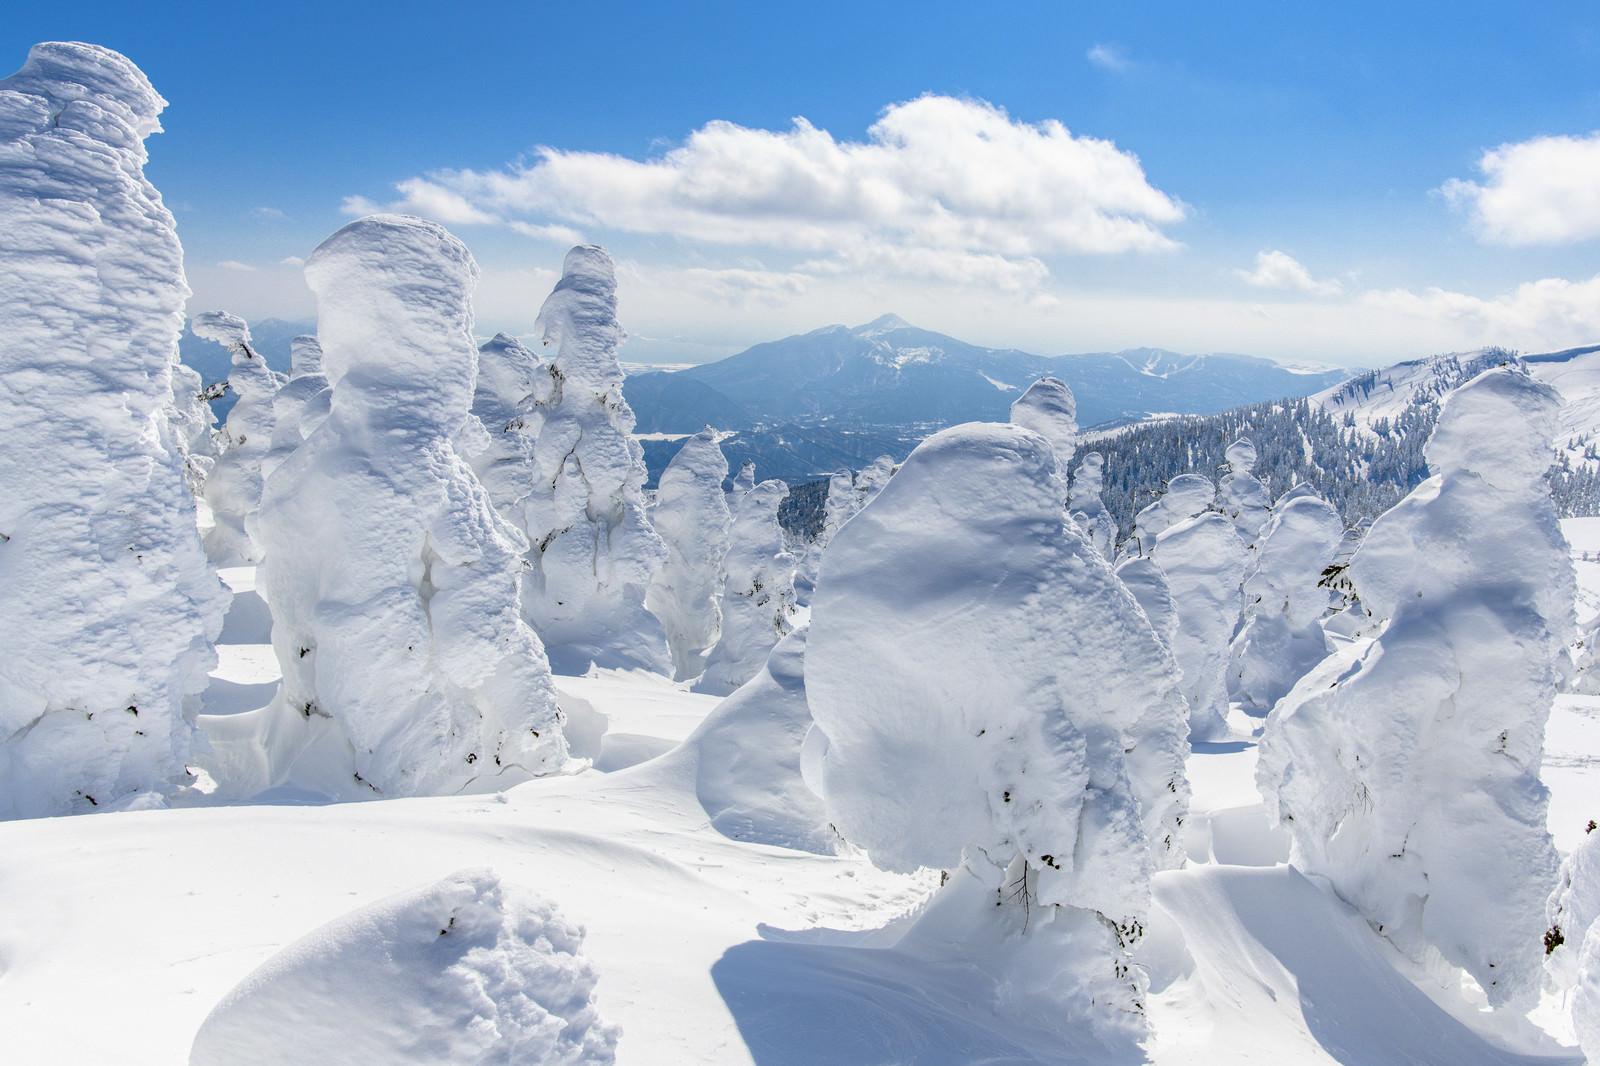 「樹氷と磐梯山(バンダイサン)」の写真